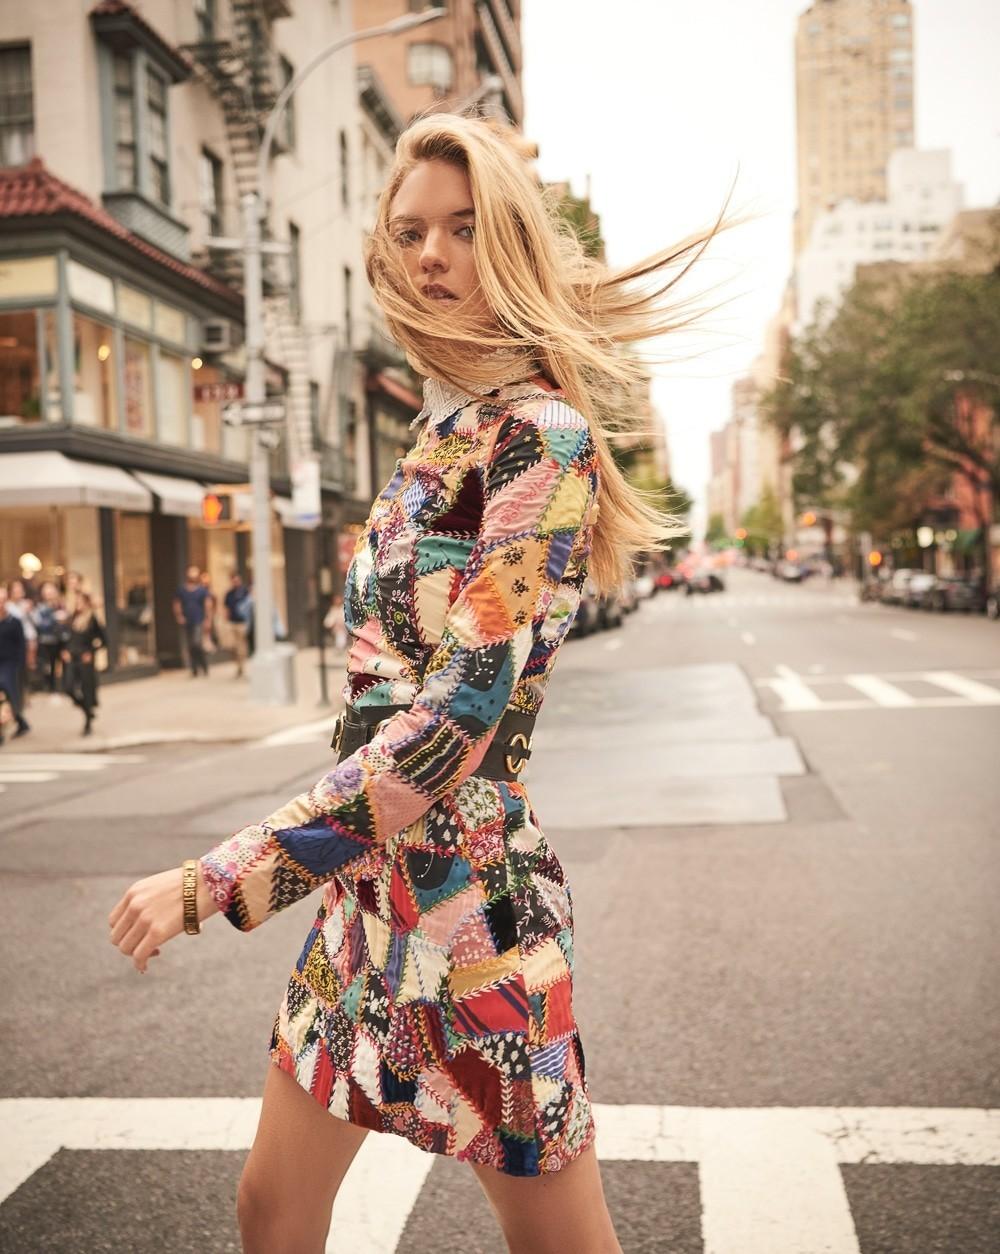 街头拍摄 哈萨克斯坦《Harper's Bazaar》11月刊 时尚图库 第2张